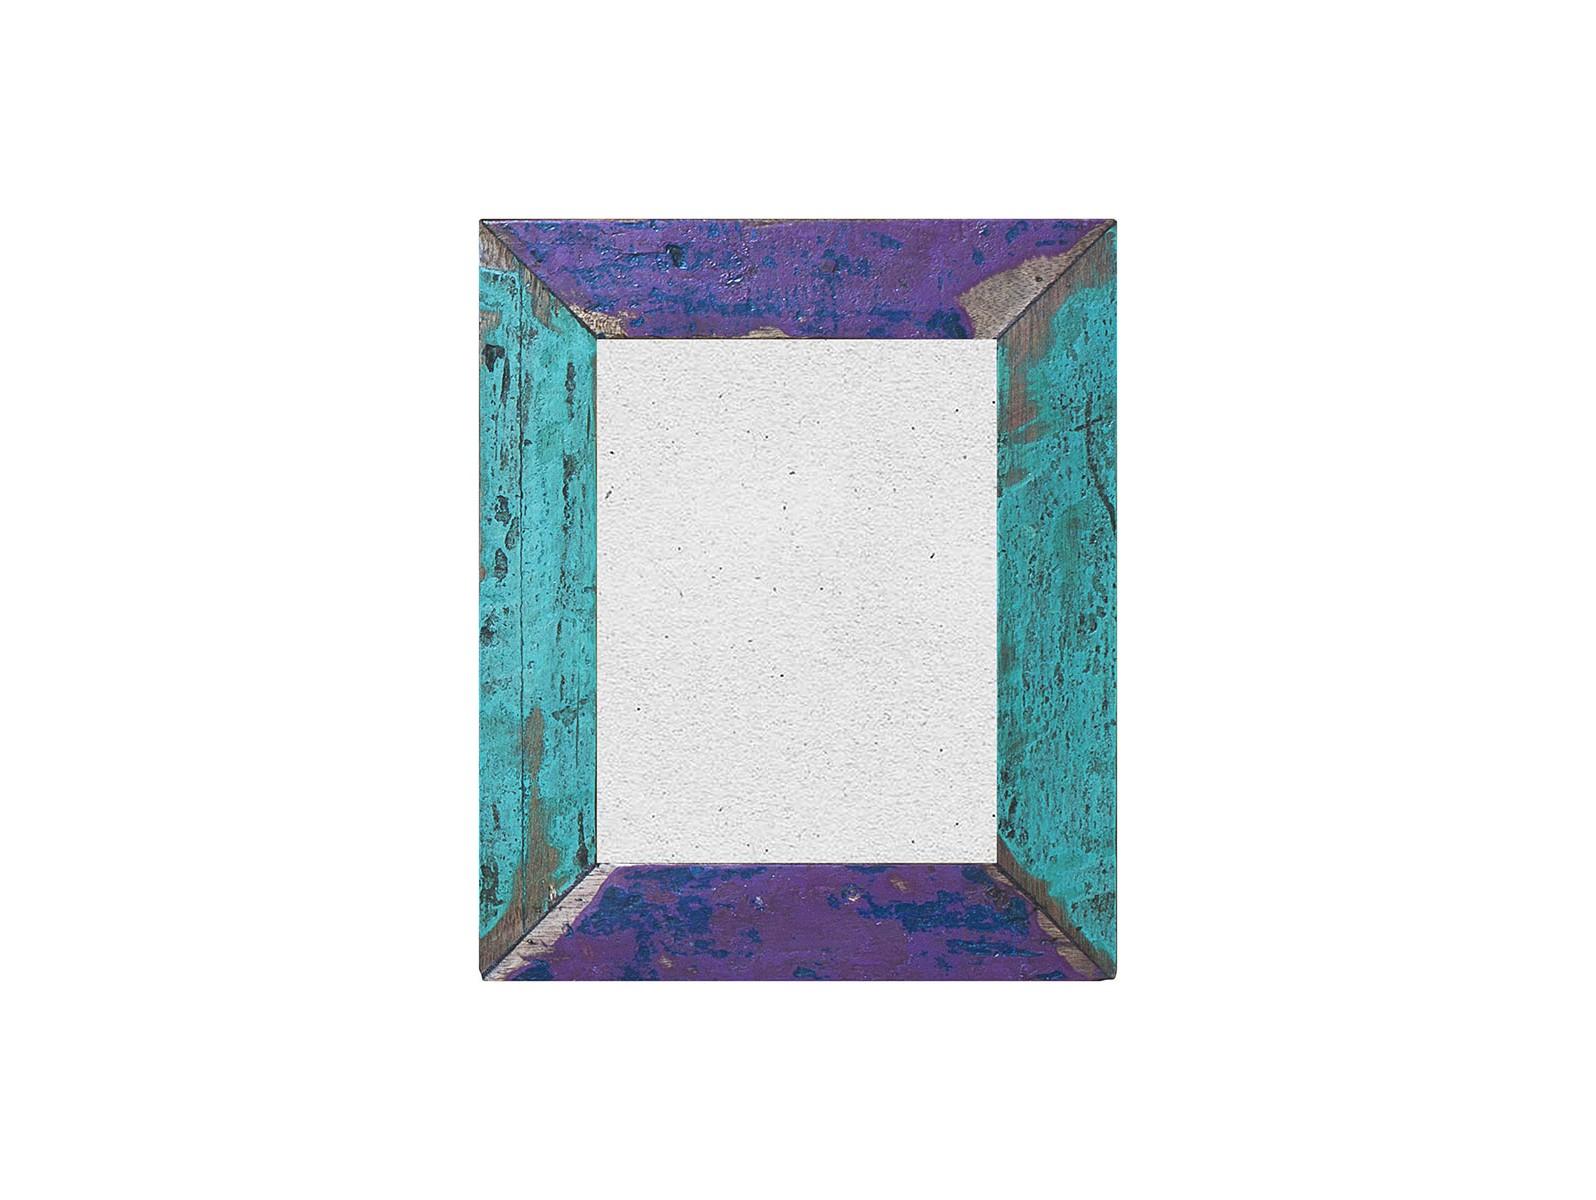 ФоторамкаРамки для фотографий<br>Рамка выполнена из фрагмента настоящего рыболовецкого судна, возраст которого 20-40 лет. Окрас сохранён оригинальный. Доступна вертикальная и горизонтальная ориентация. Подходит для для настенного декорирования.<br><br>Material: Тик<br>Ширина см: 31<br>Высота см: 37<br>Глубина см: 3